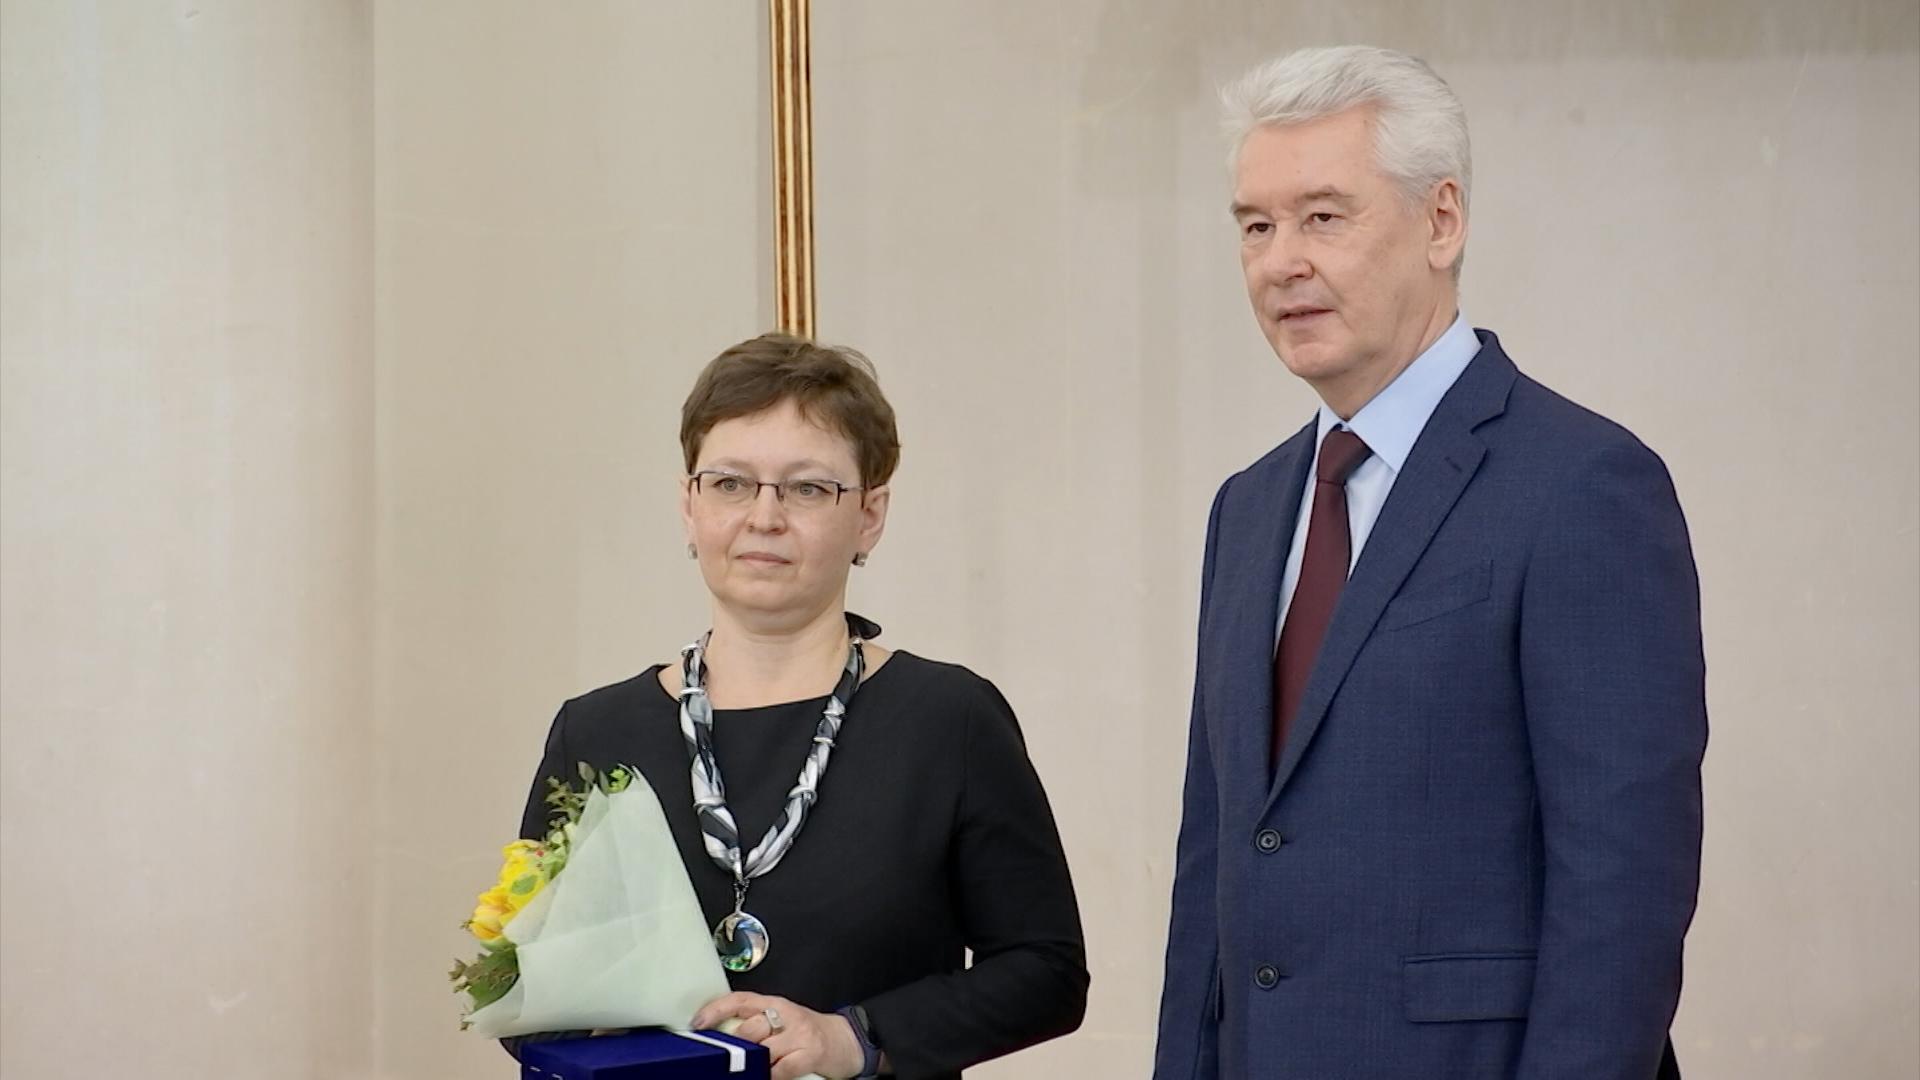 Сергей Собянин награждает учительницу Екатерину Березович